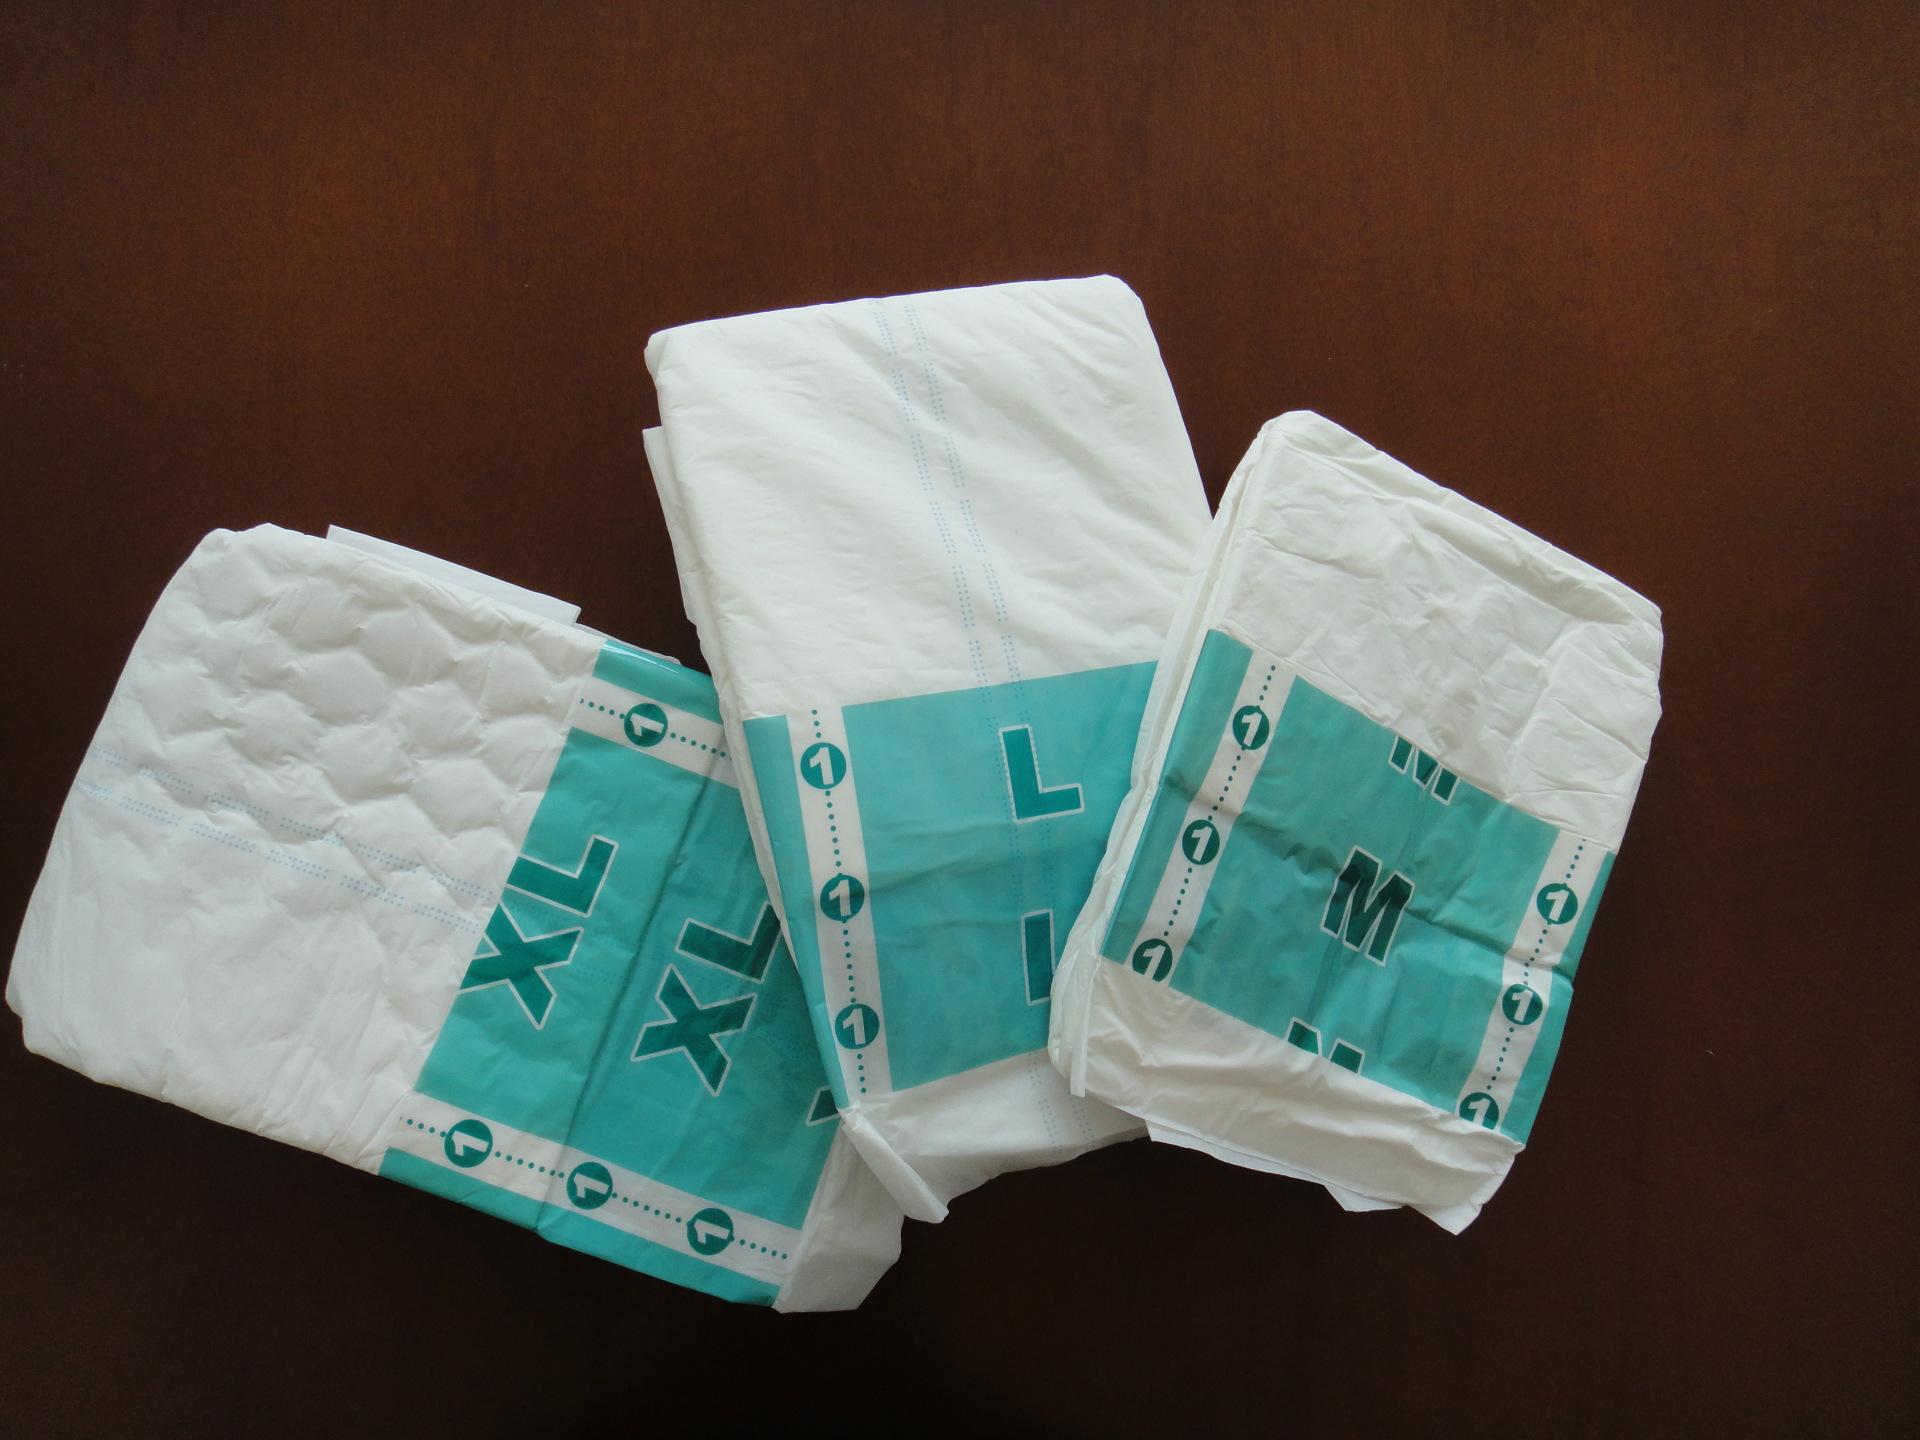 成人纸尿裤超值装M/L 一次性失禁裤 老人尿不湿厂家直销正品特价